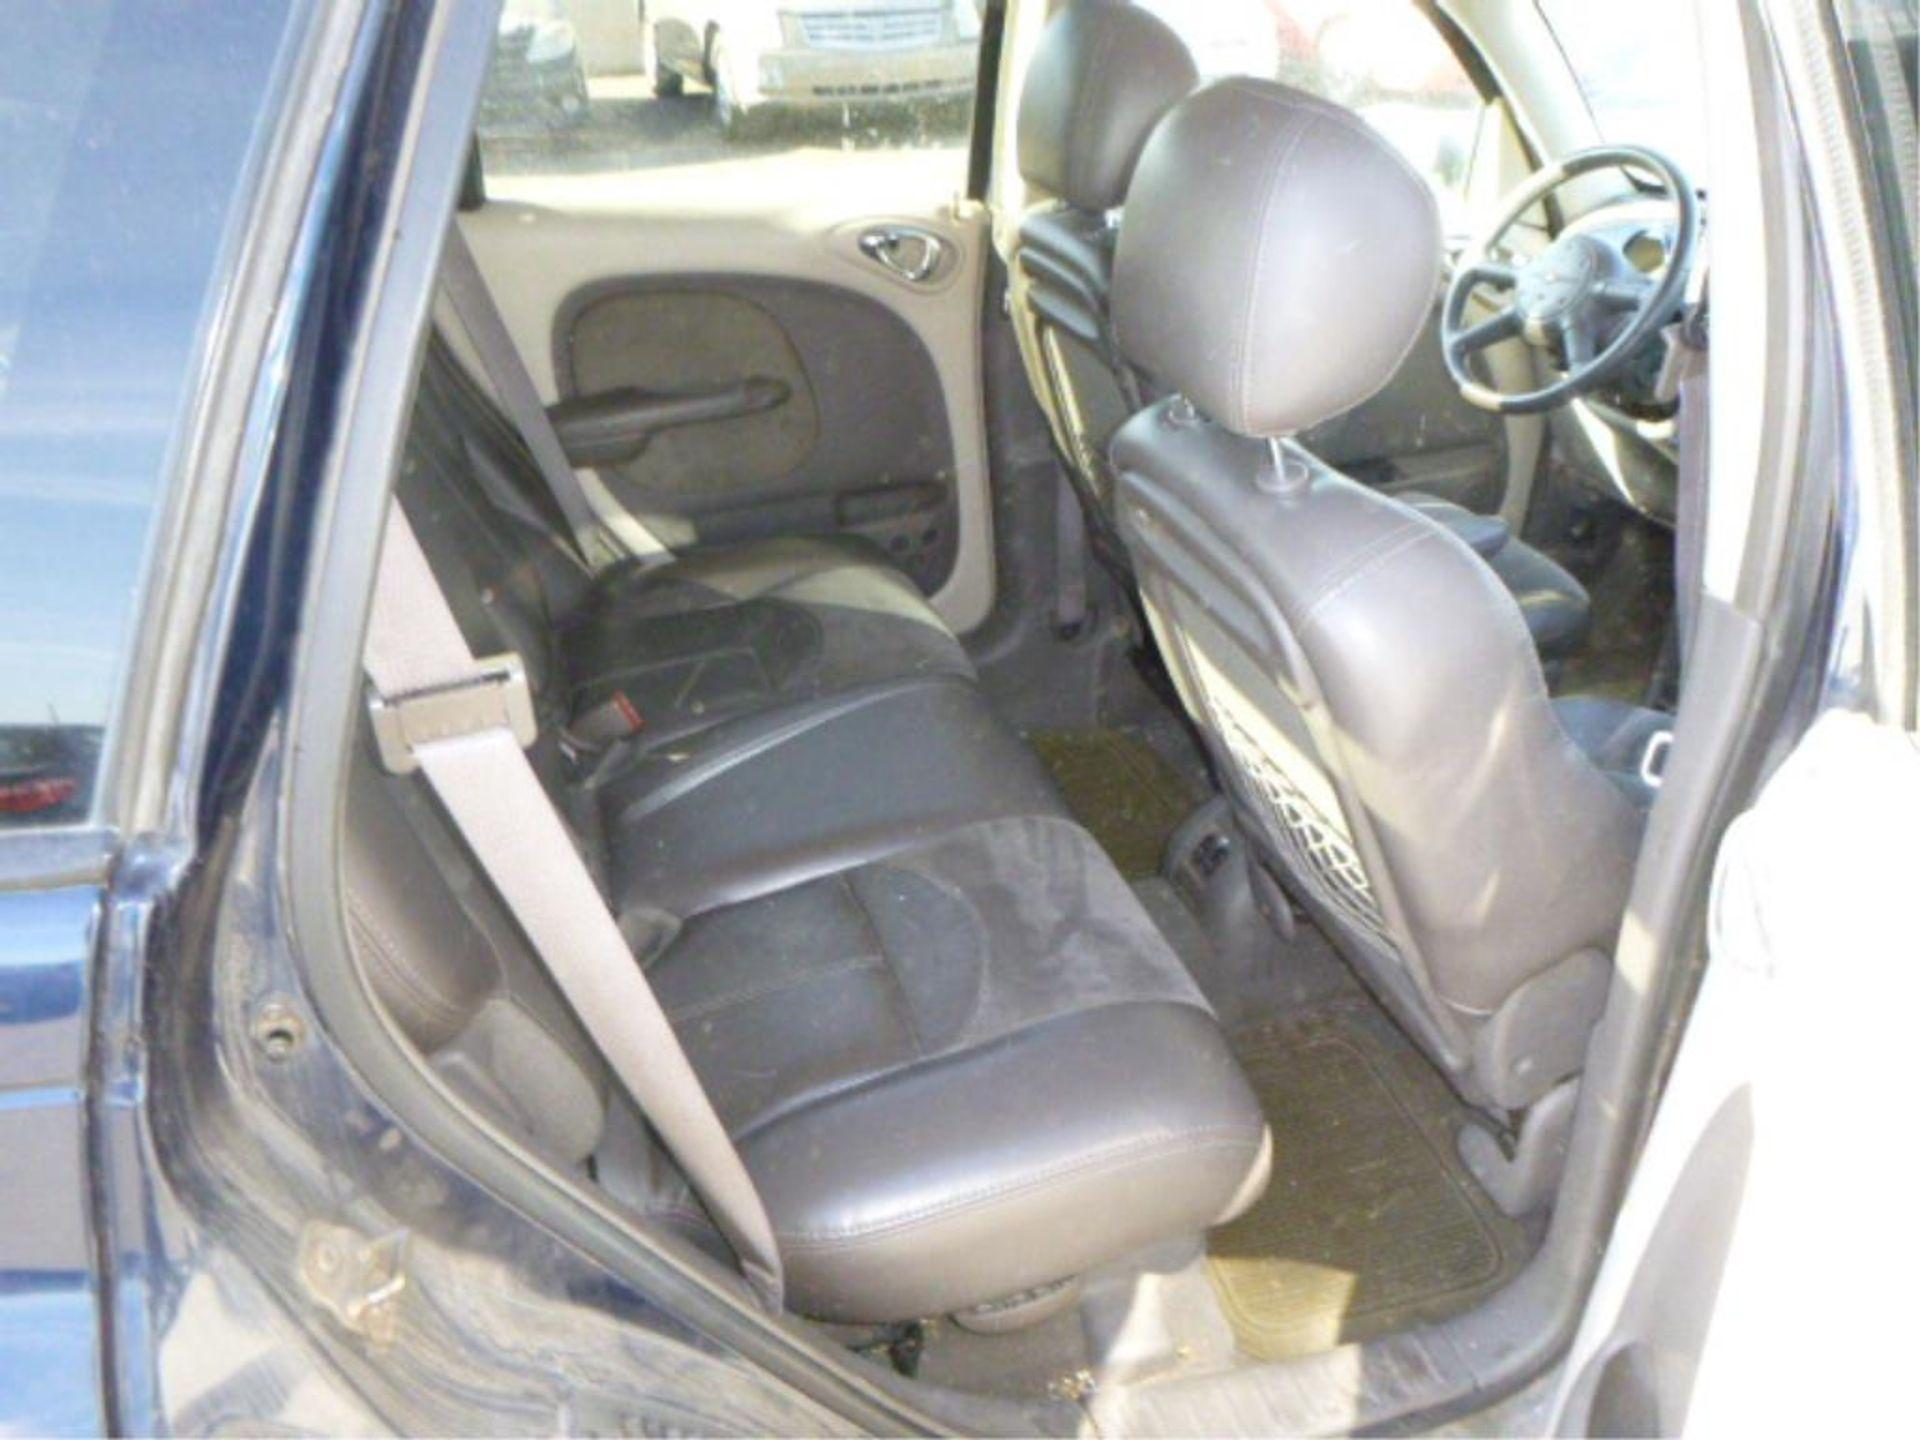 2002 Chrysler PT Cruiser - Image 9 of 14